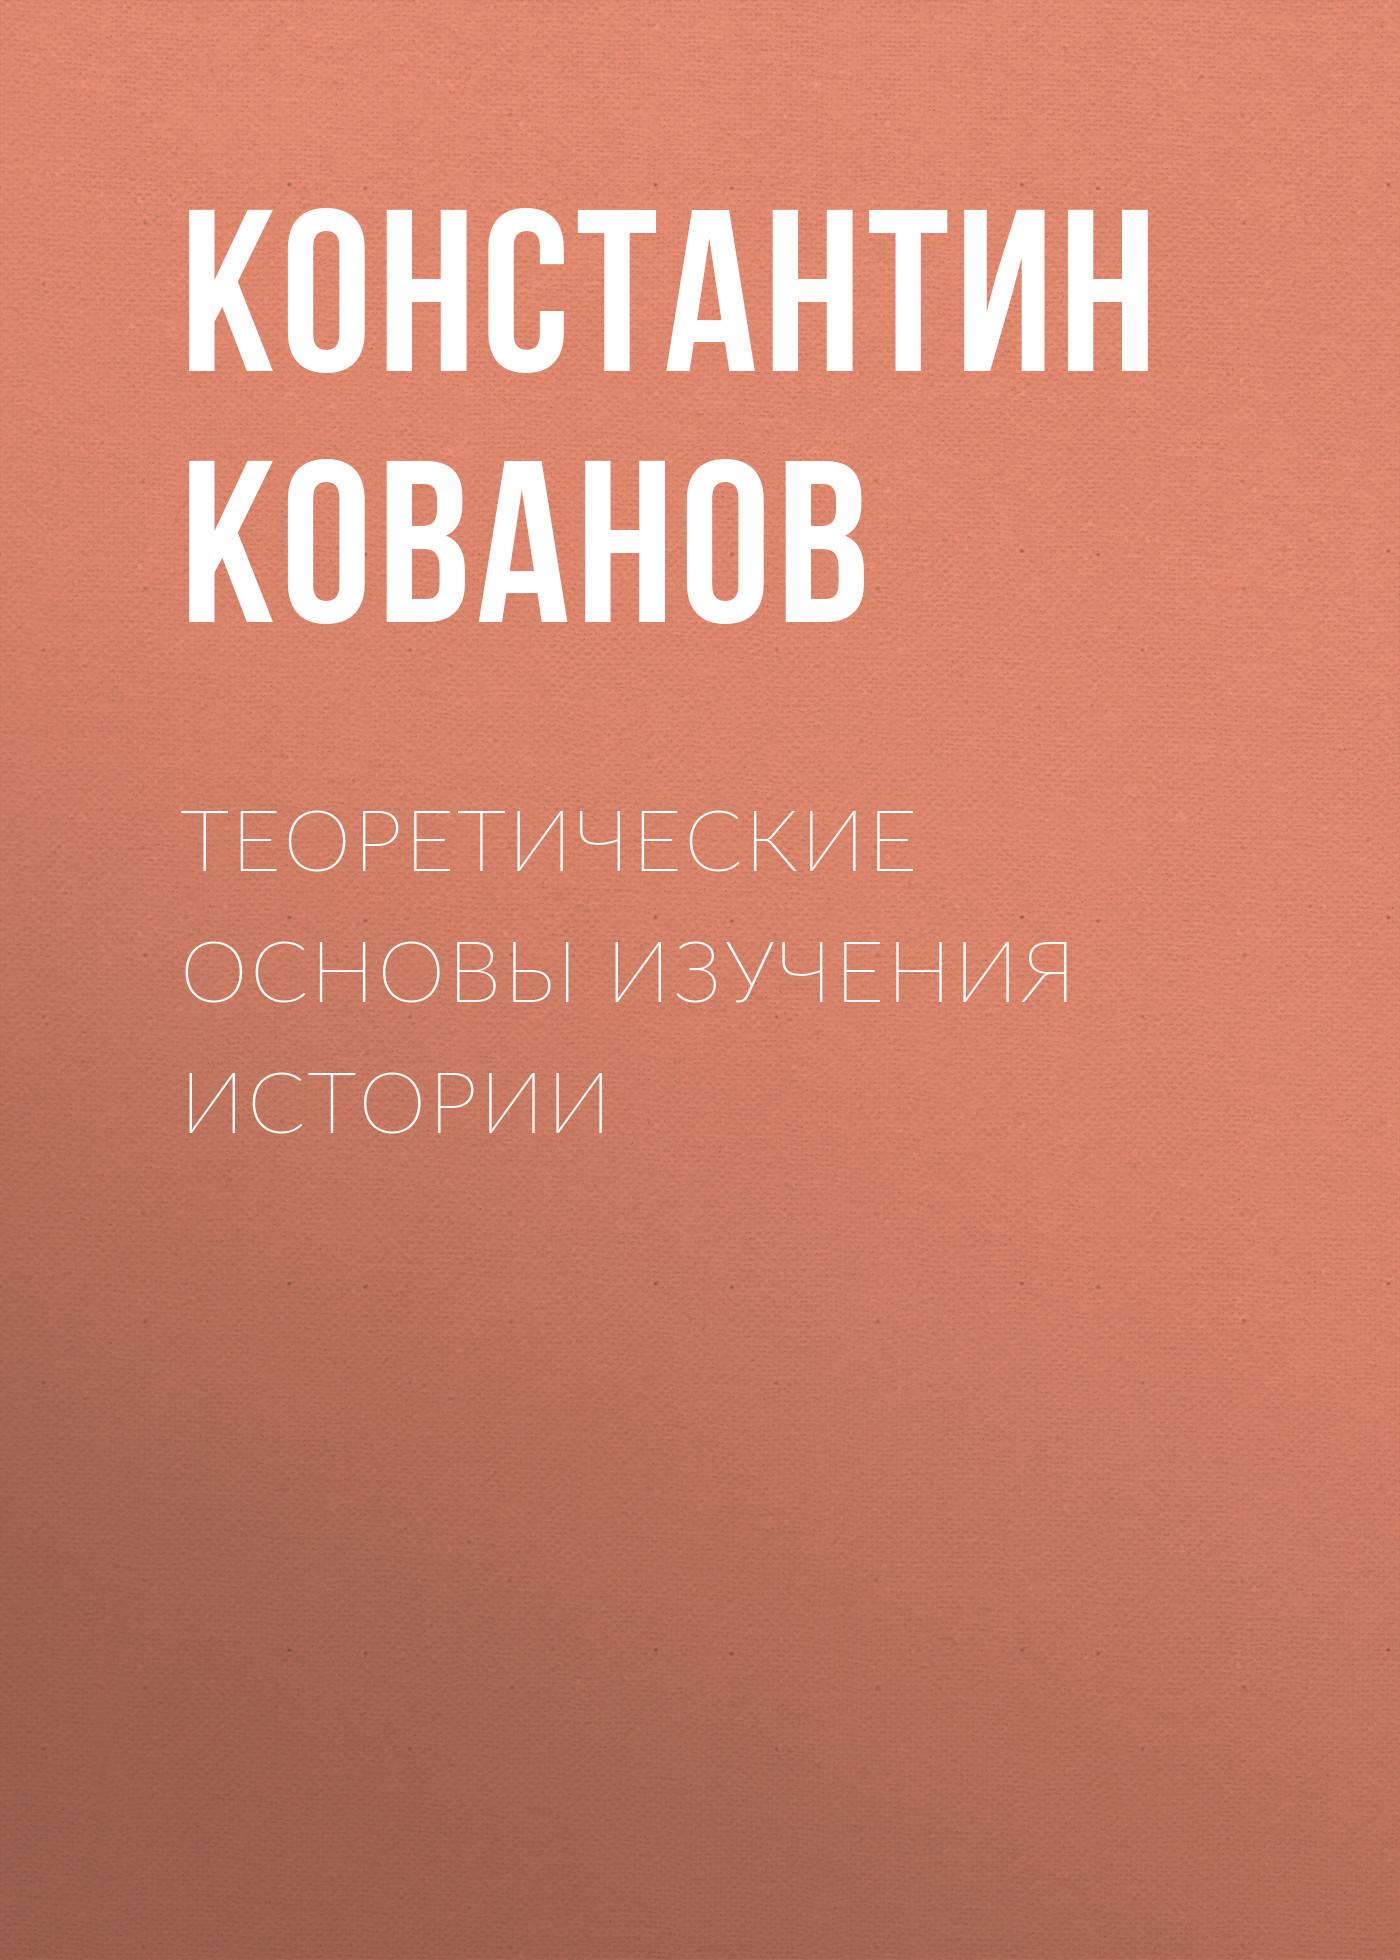 Константин Кованов. Теоретические основы изучения истории